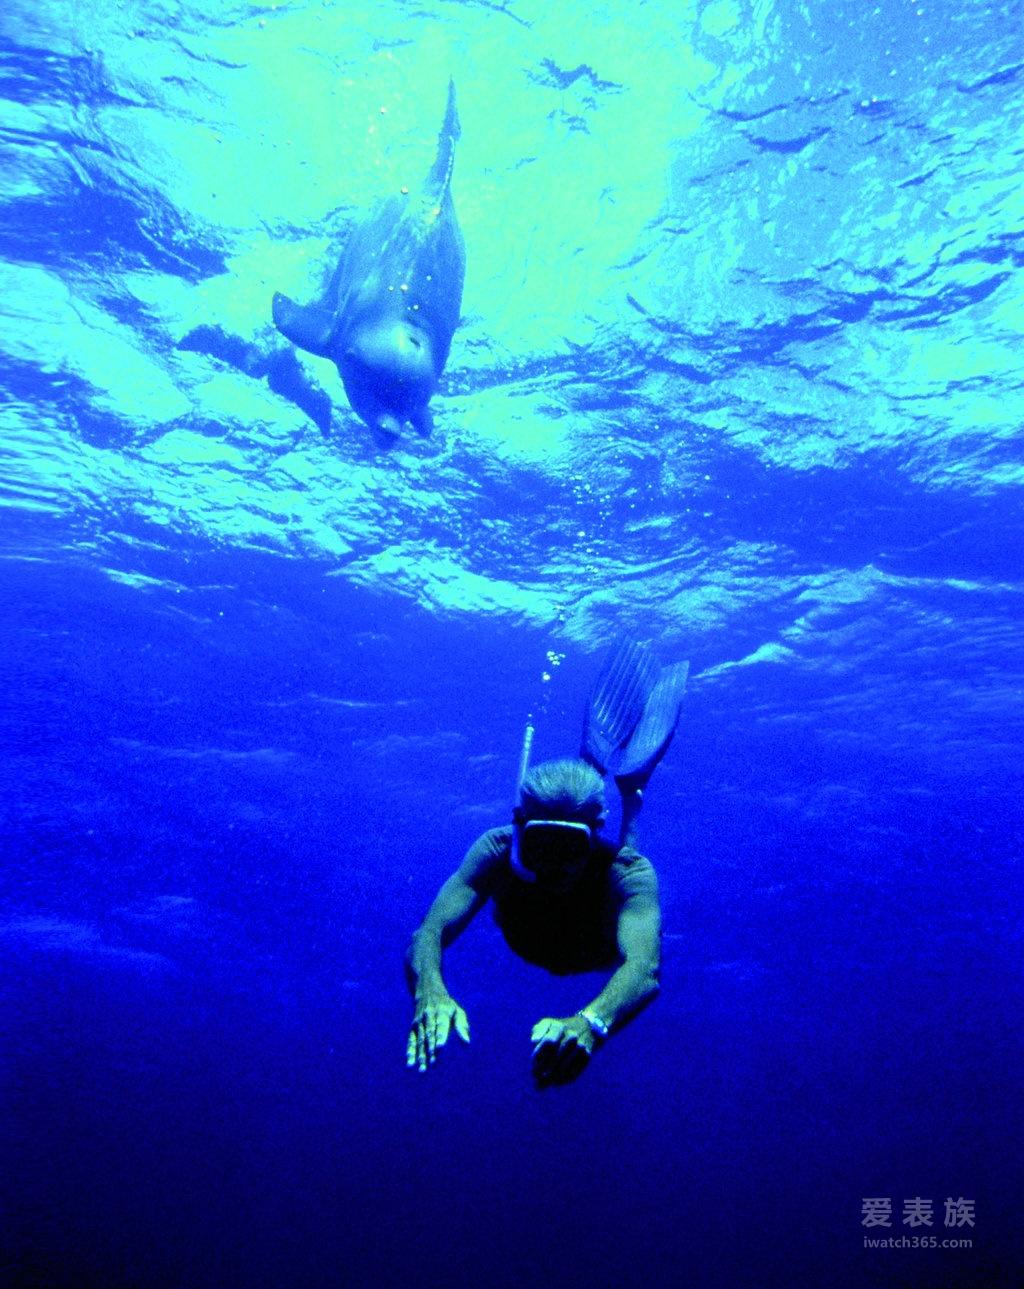 欧米茄海洋探险历程 - 新闻 - 爱表族-全国领先的垂直